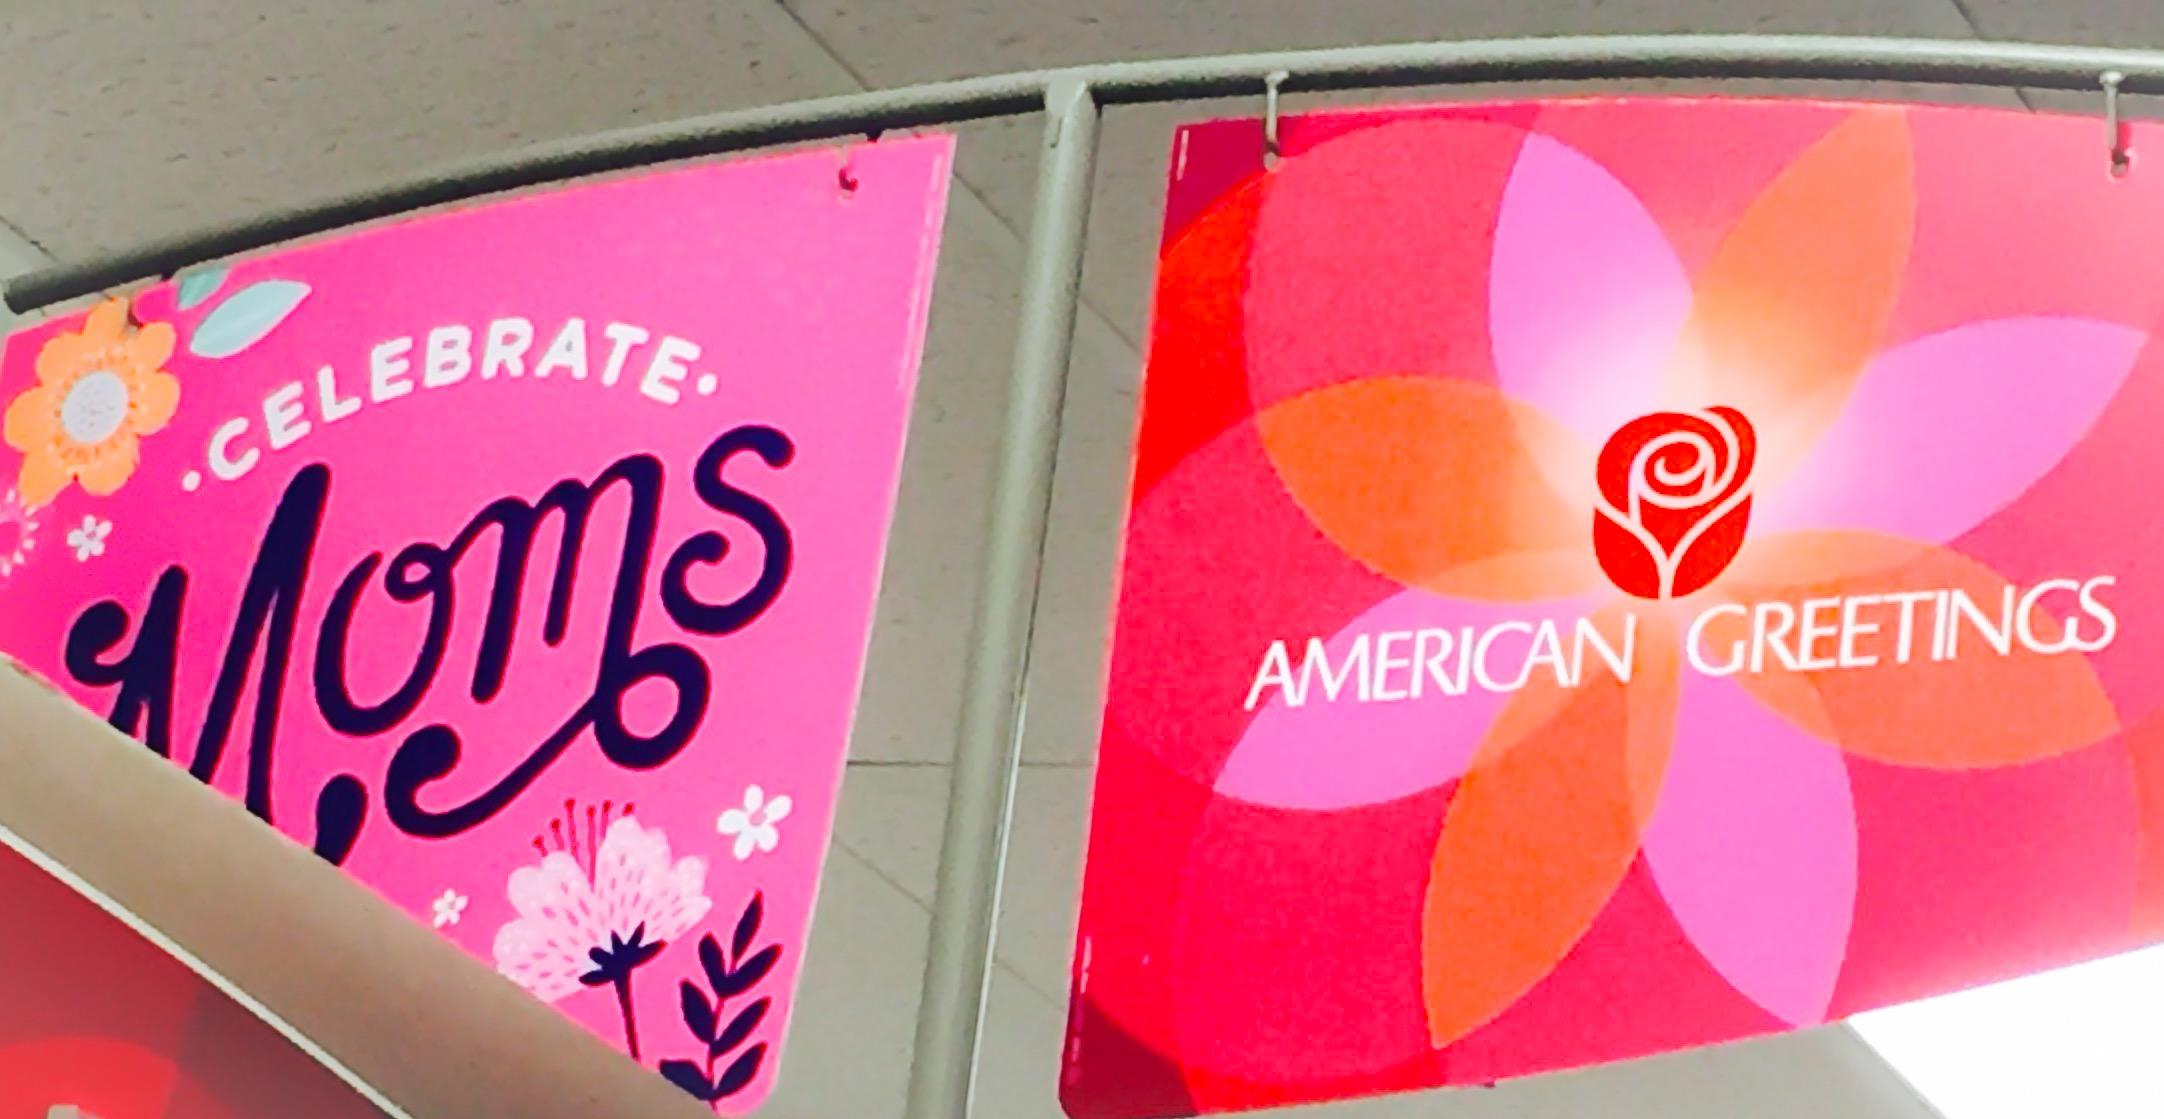 American Greetings & AAFES